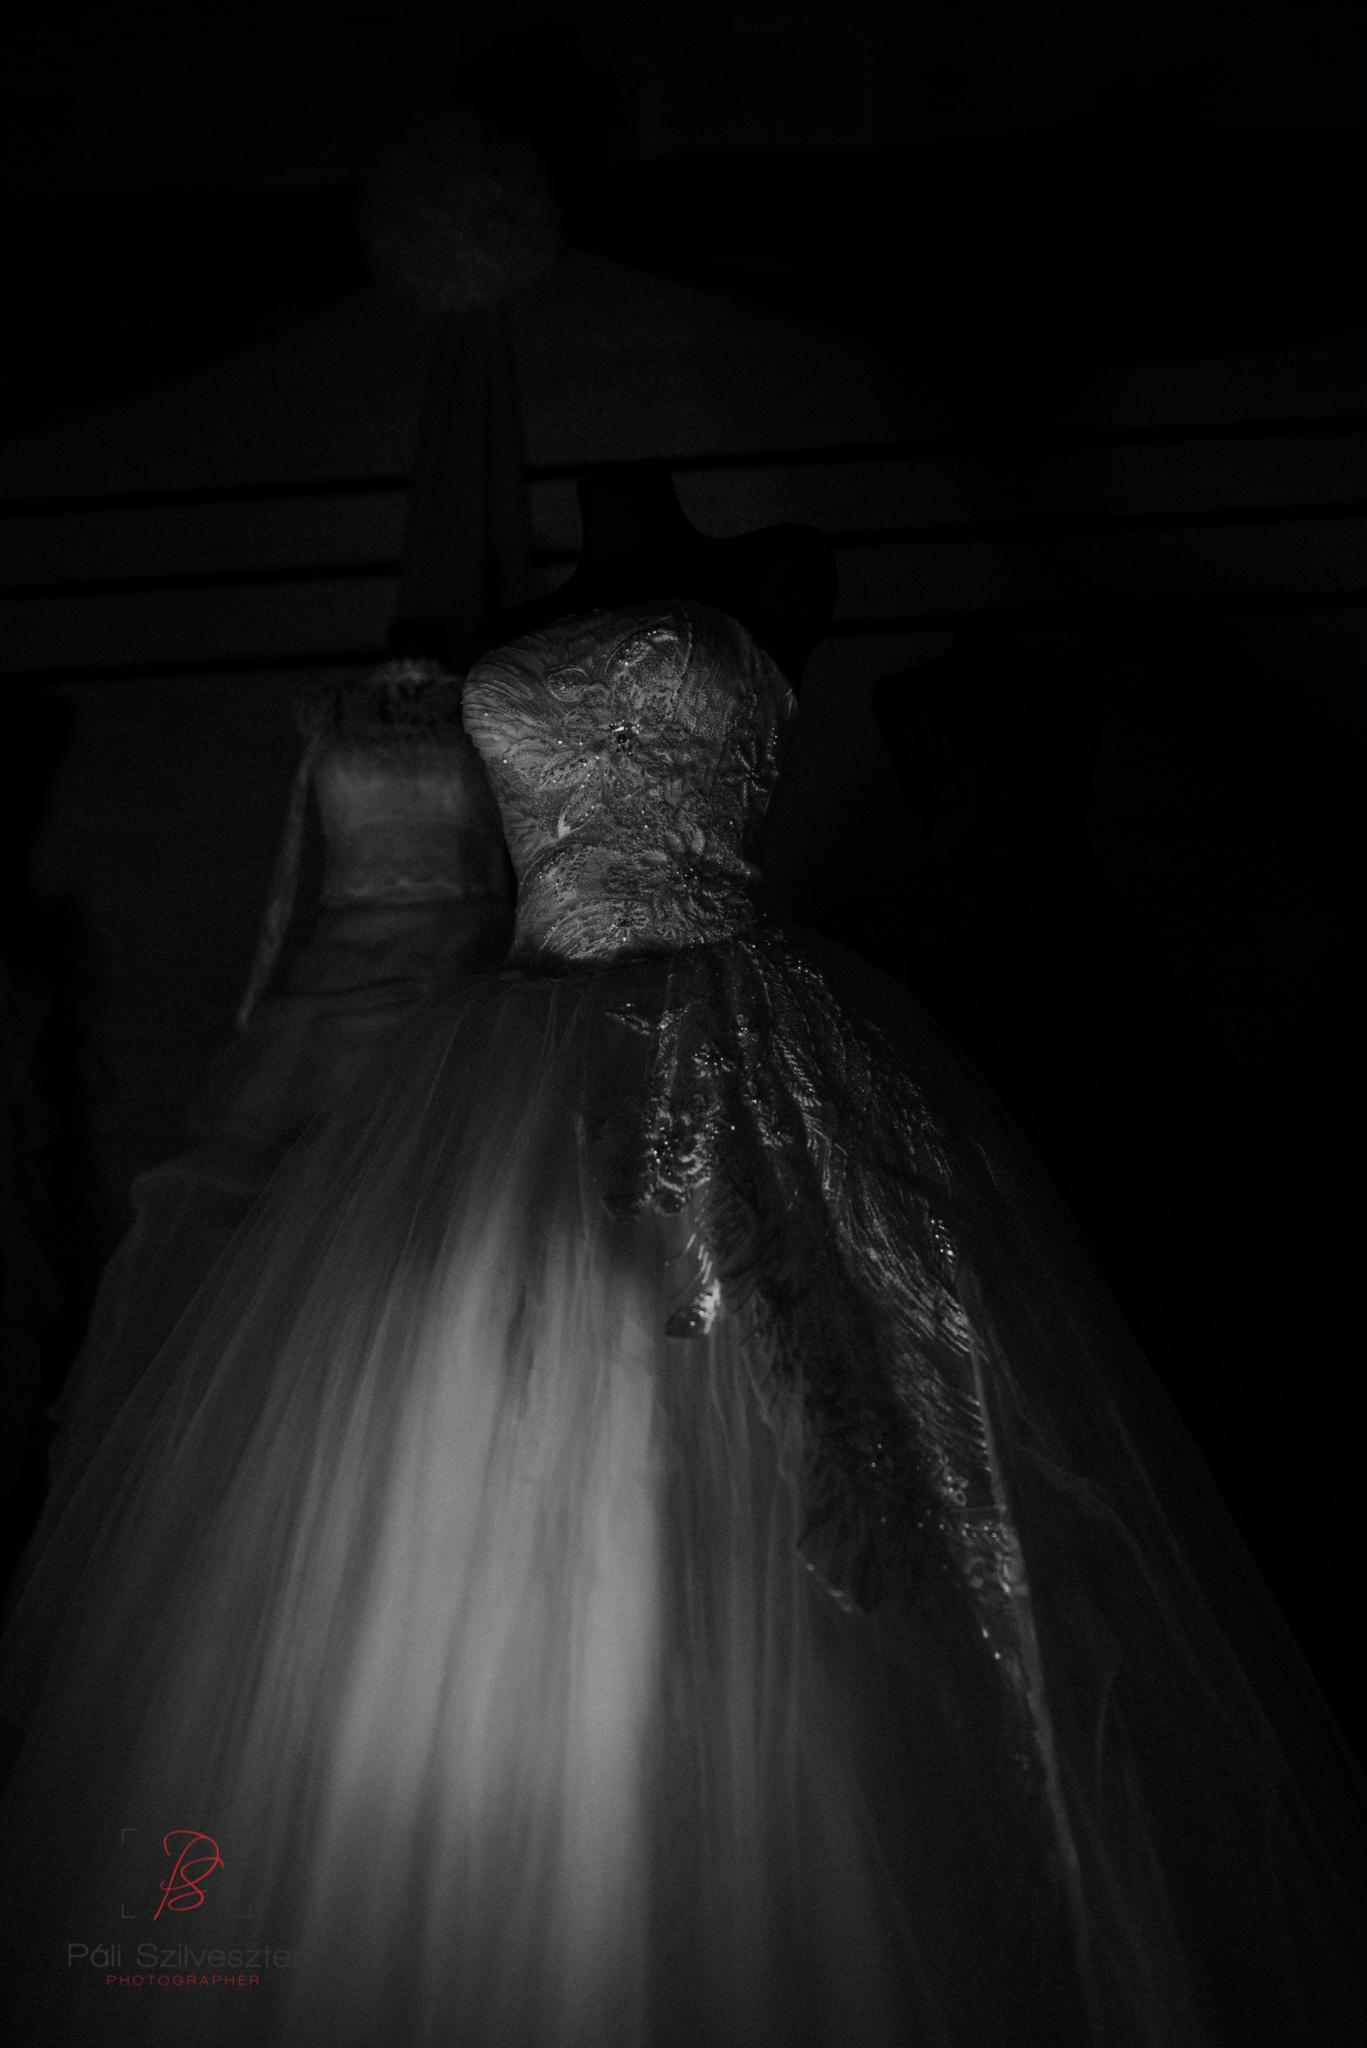 Páli-Szilveszter-székesfehérvári-esküvői-fotós-esztergom-prímás-pince-esüvőkiállítás-2016-01-23-70474.jpg